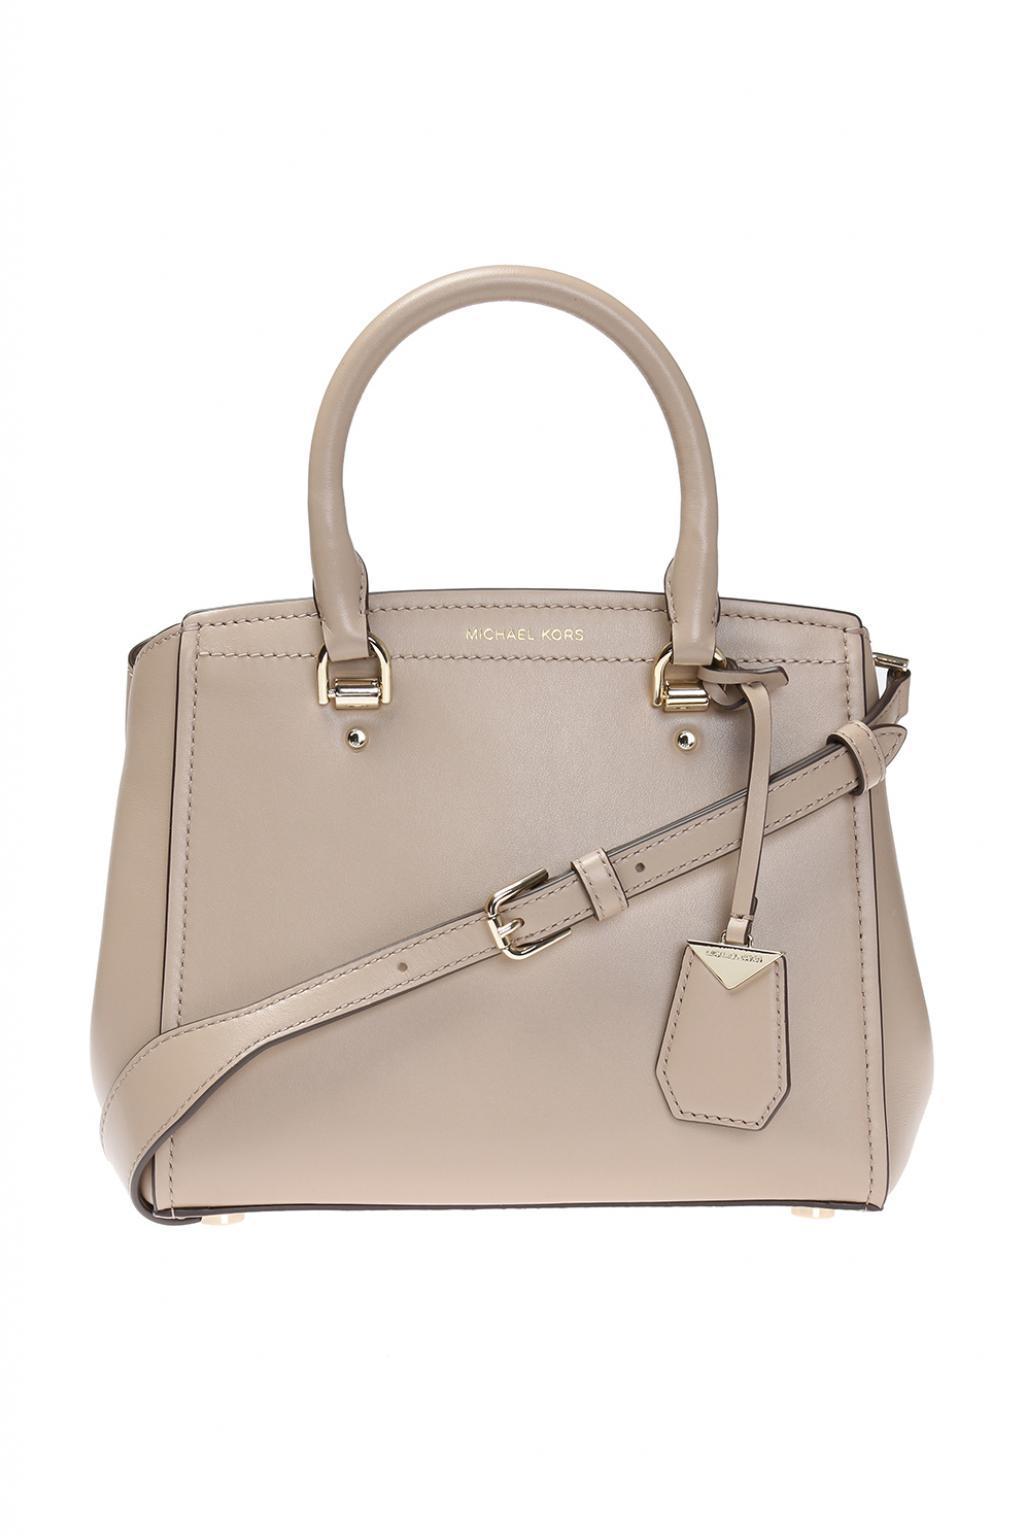 8d5bc8cf8ad5 Michael Kors Benning  Shoulder Bag in Natural - Save ...